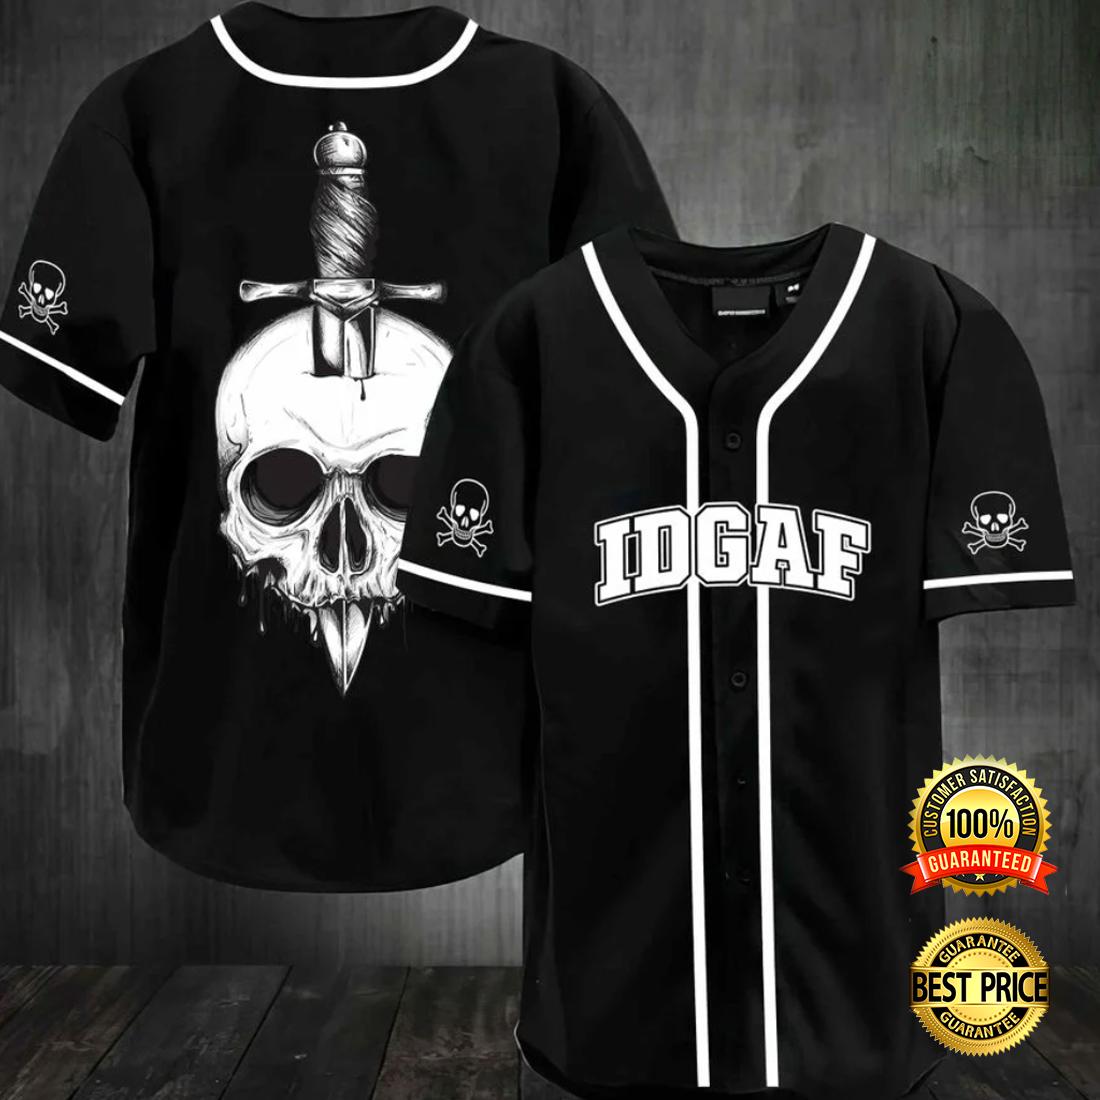 Skull IDGAF baseball jersey 4